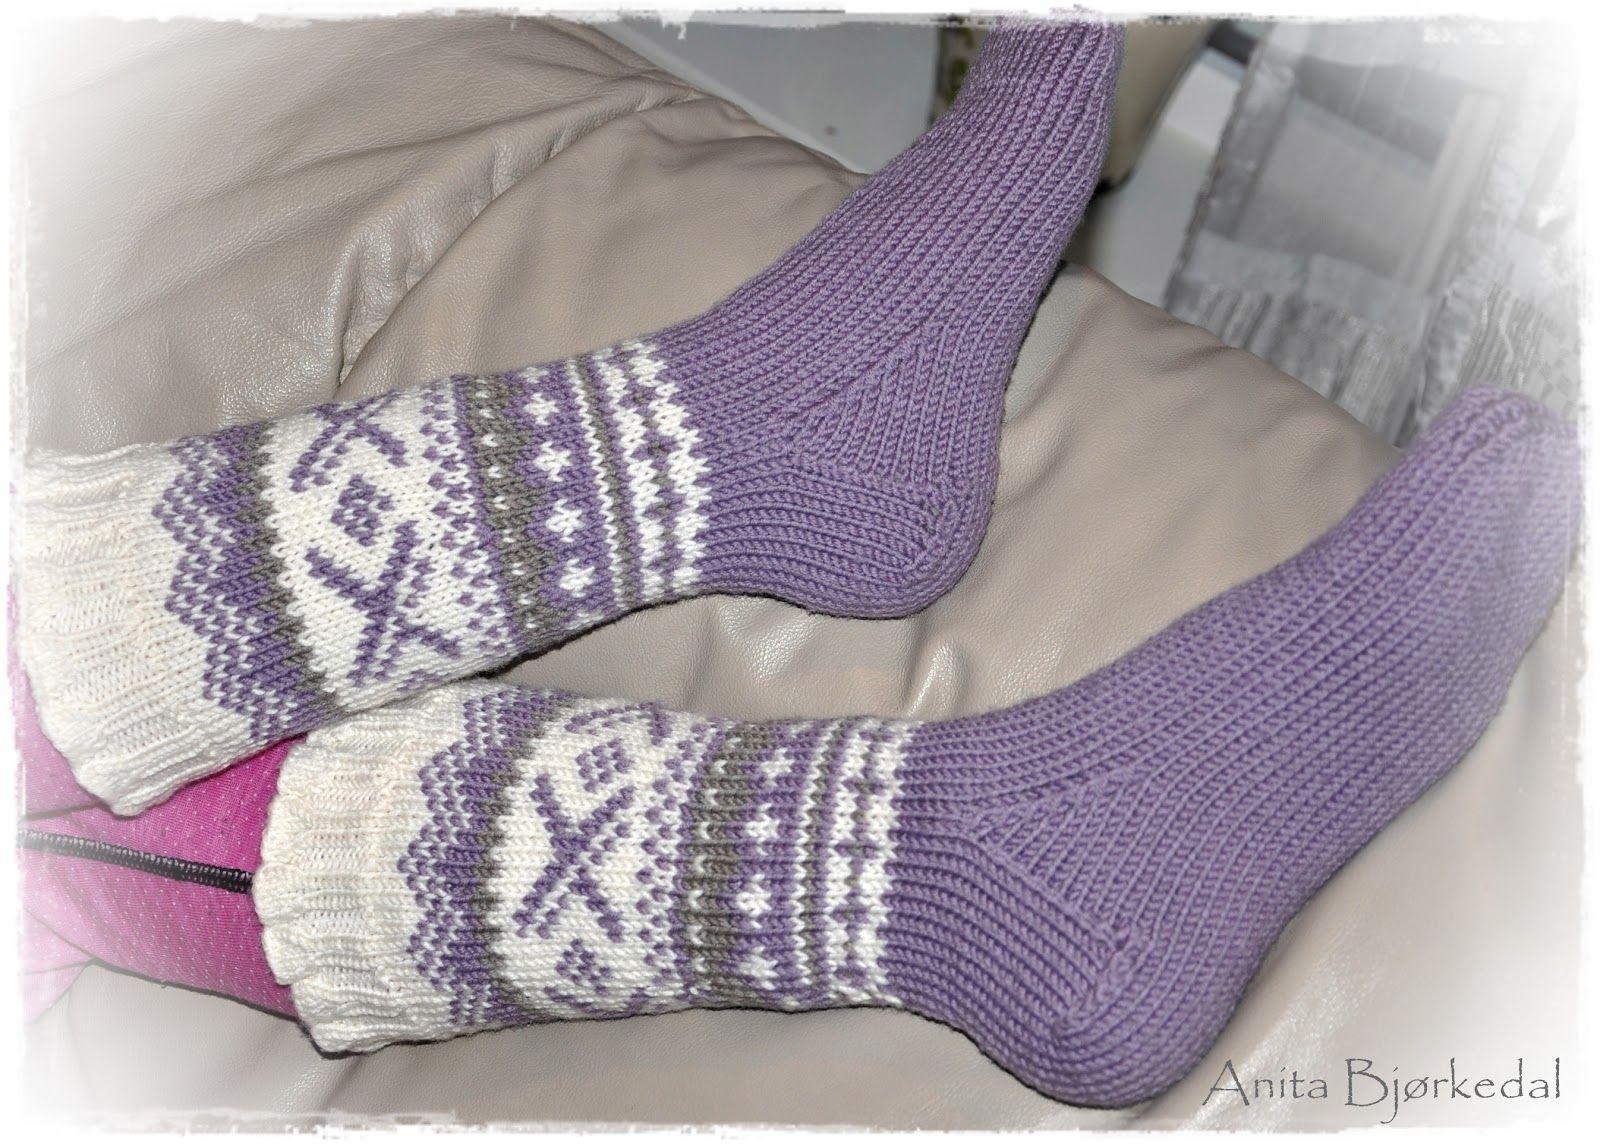 Norwegian Knitting Patterns : Norwegian pattern ~ Knitting ~ Pinterest